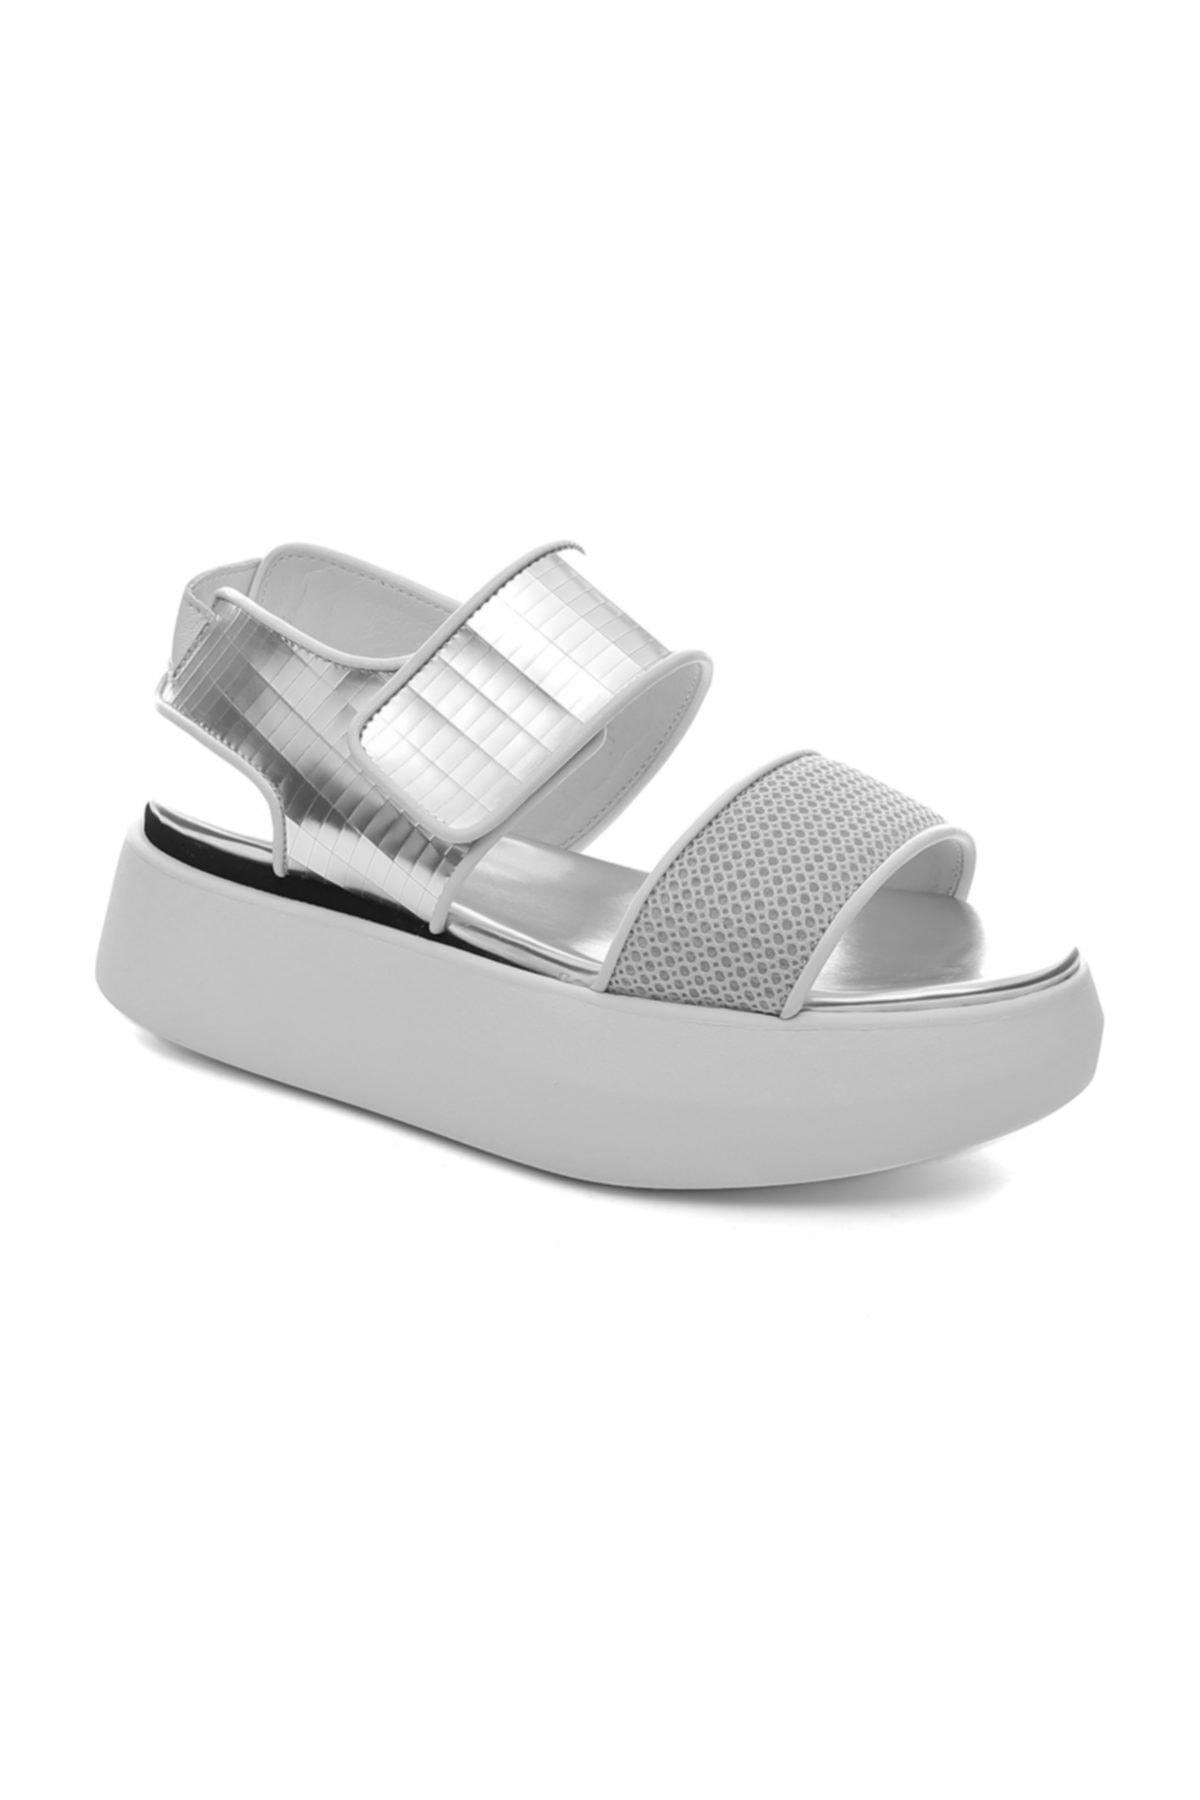 ALBERTO GUARDIANI Kadın Sandalet 1AGUW2018009 1